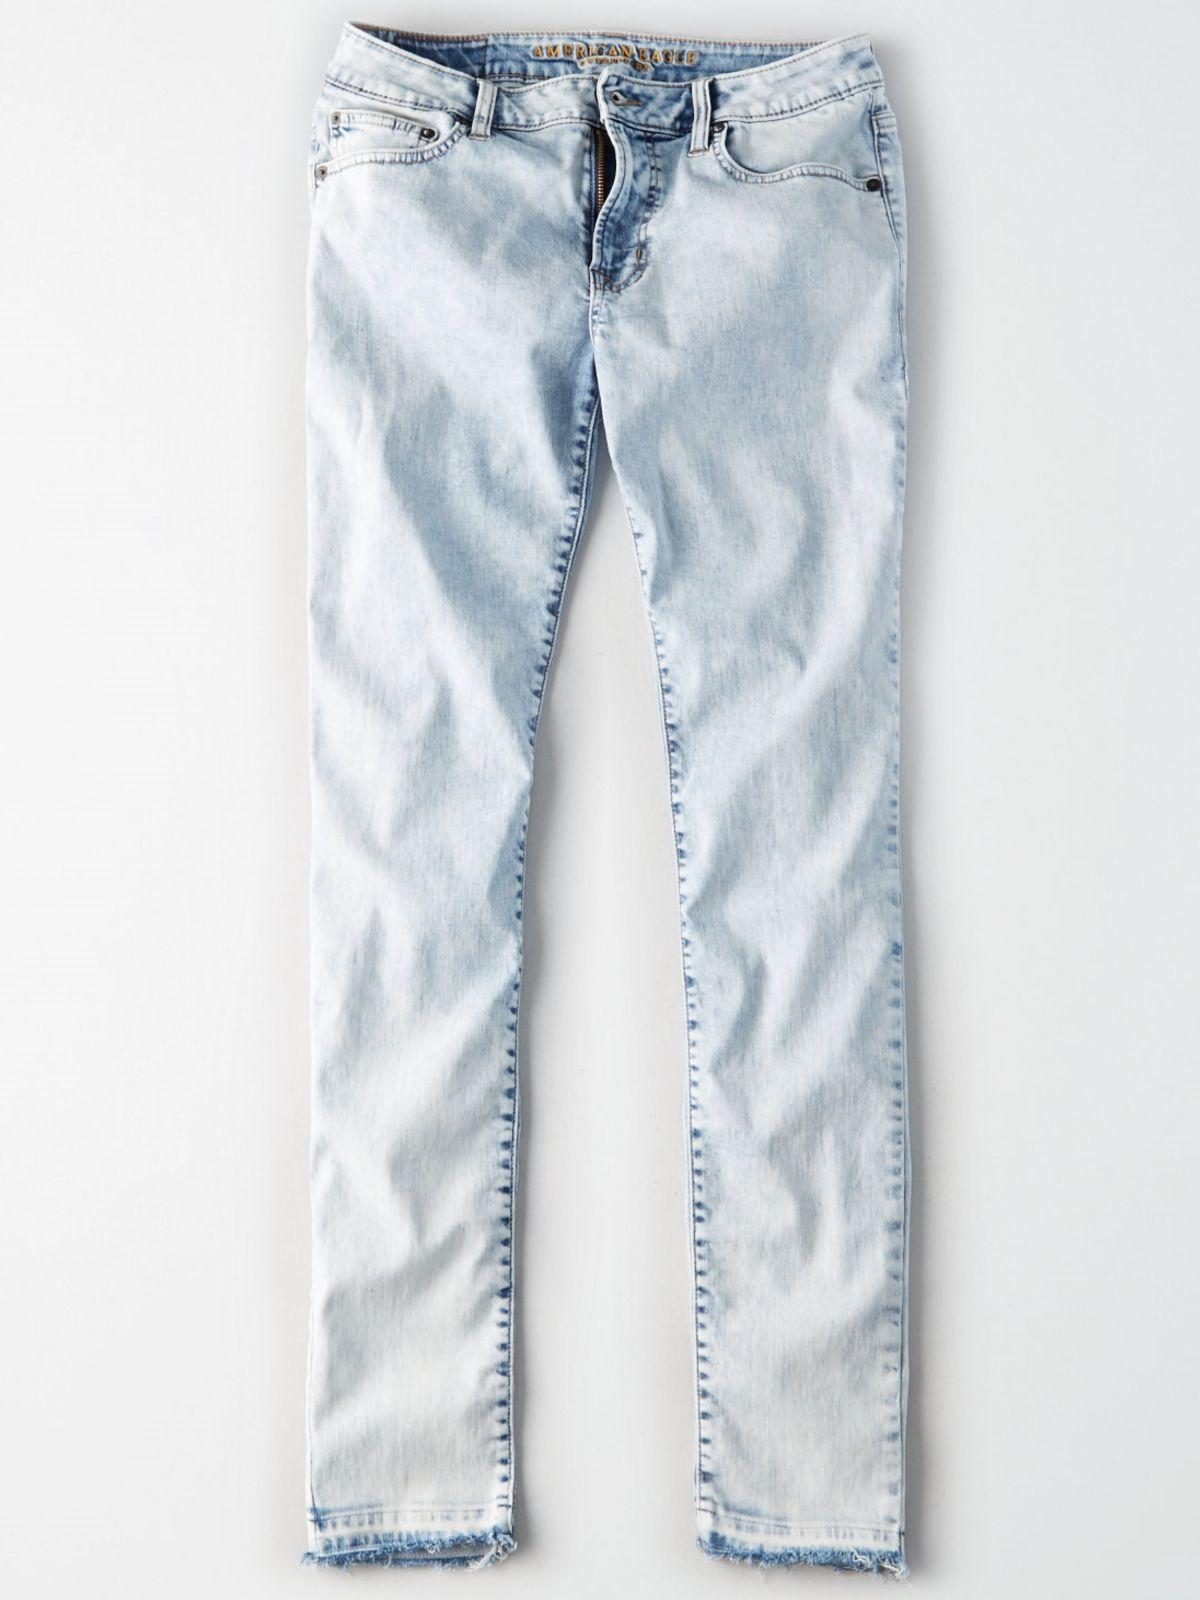 ג'ינס סקיני אסיד ווש בהיר Extreme Flex / גבריםג'ינס סקיני אסיד ווש בהיר Extreme Flex / גברים של AMERICAN EAGLE